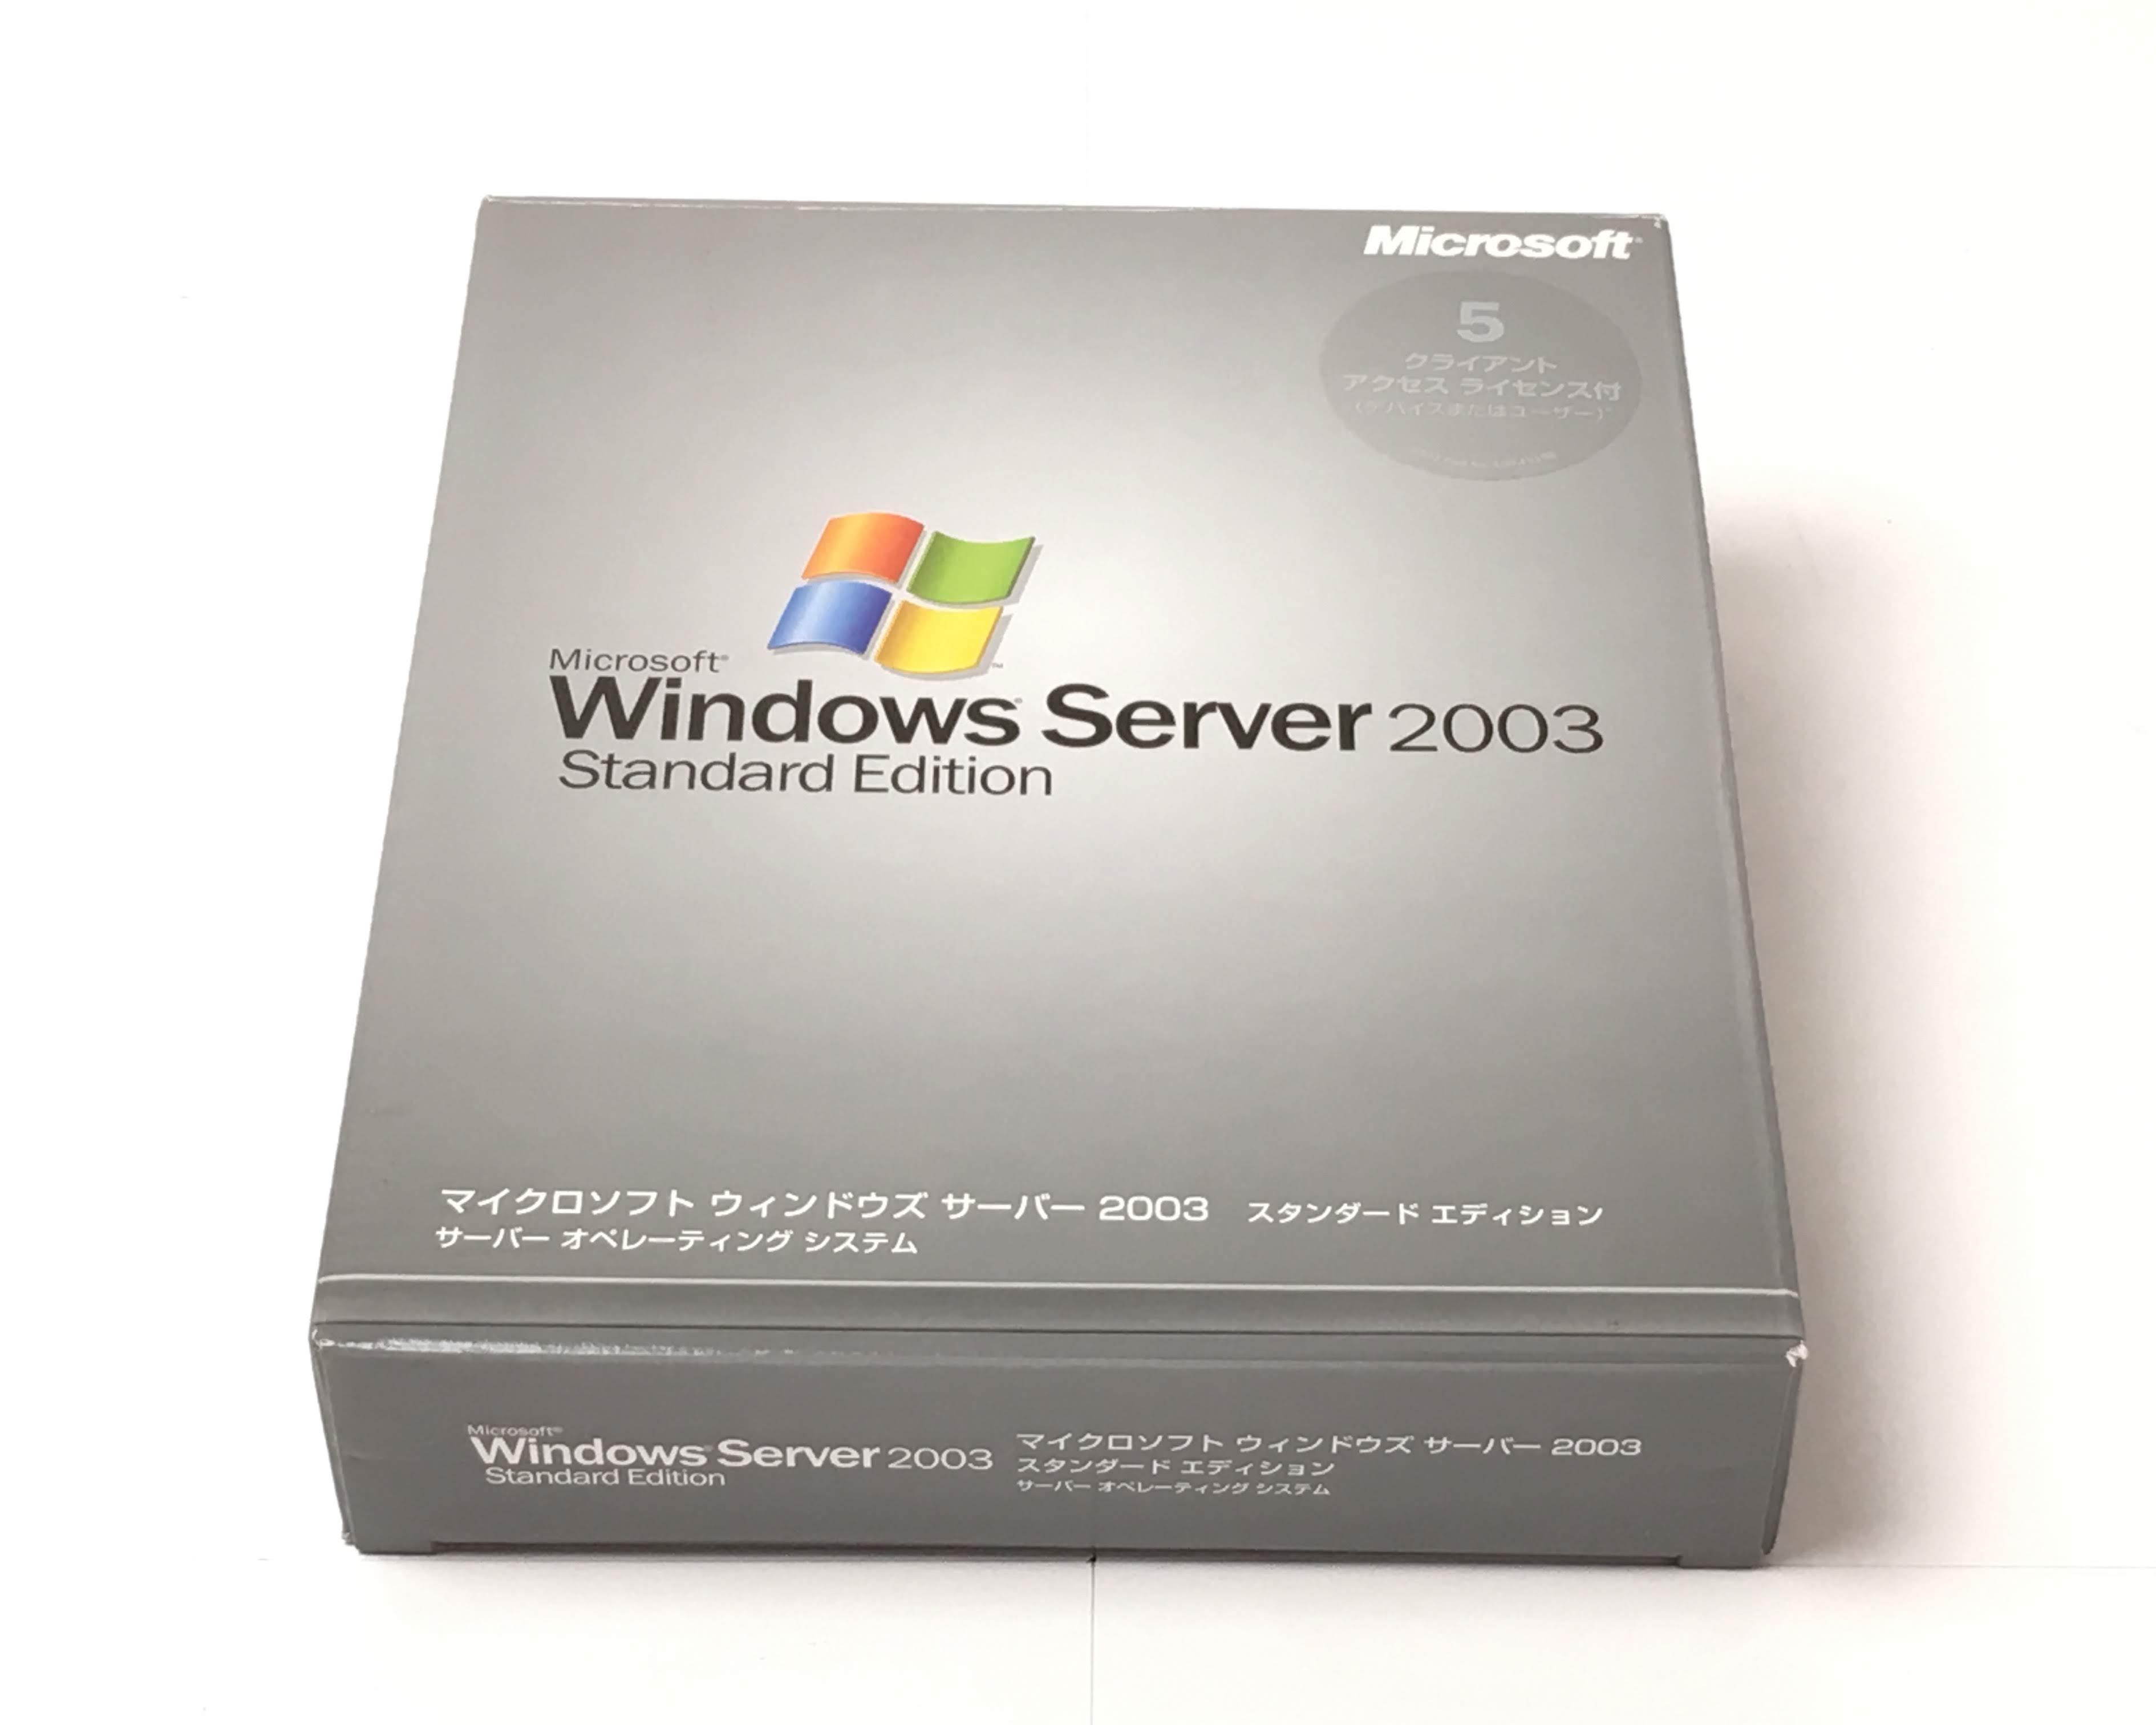 【中古品】Microsoft Windows Server 2003 Standard Edition 5クライアントアクセスライセンス付 Windows メイン画像